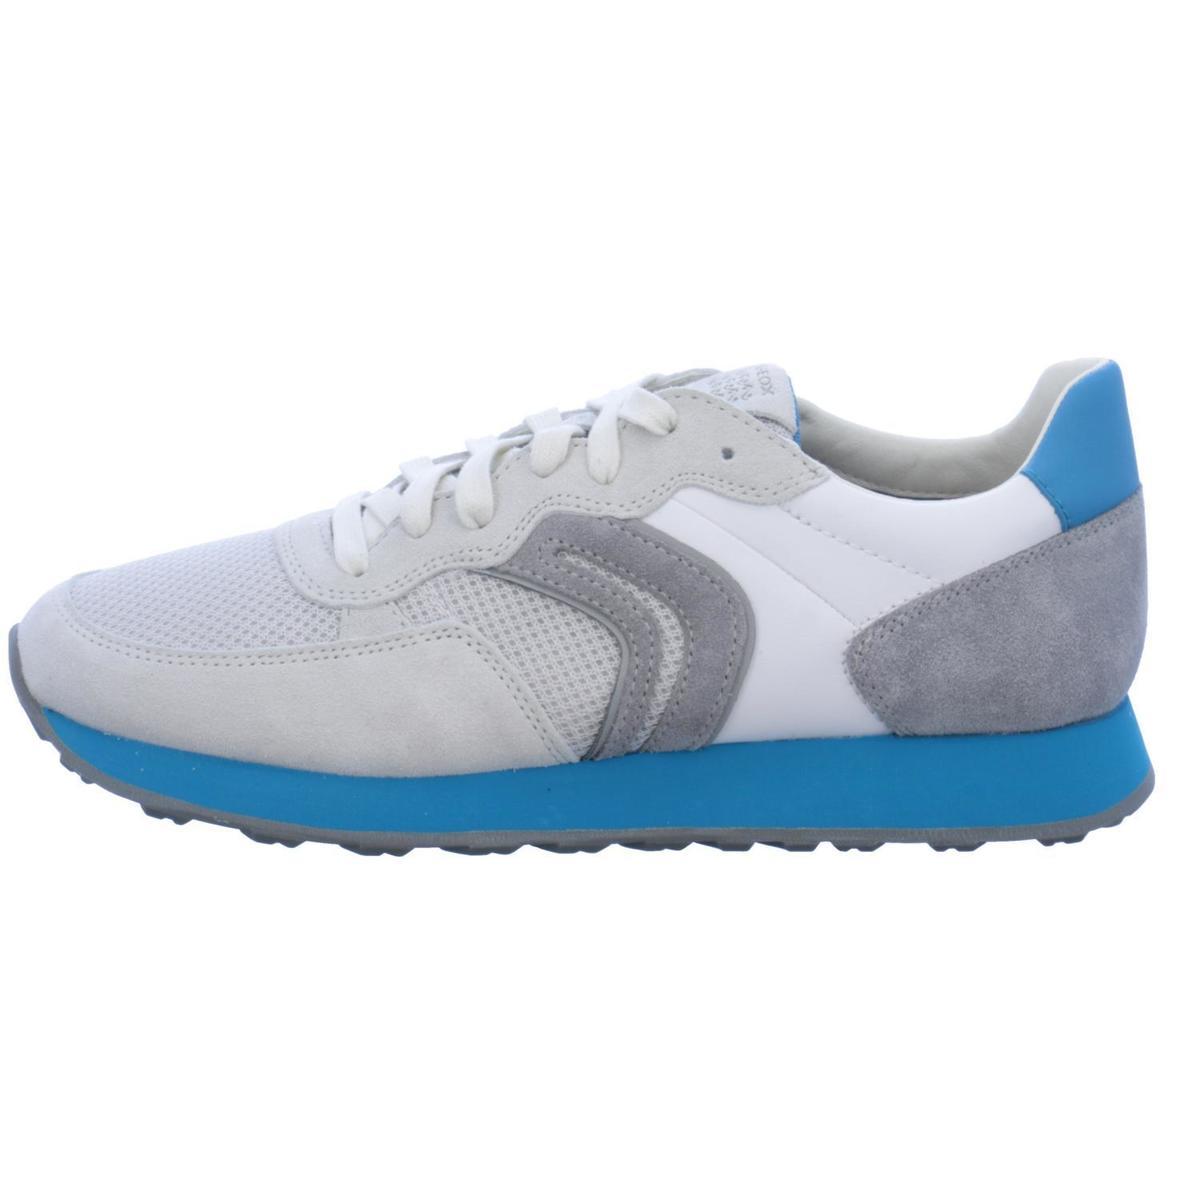 Geox Respira VINCIT B Herren Schuhe Sneaker Halbschuhe